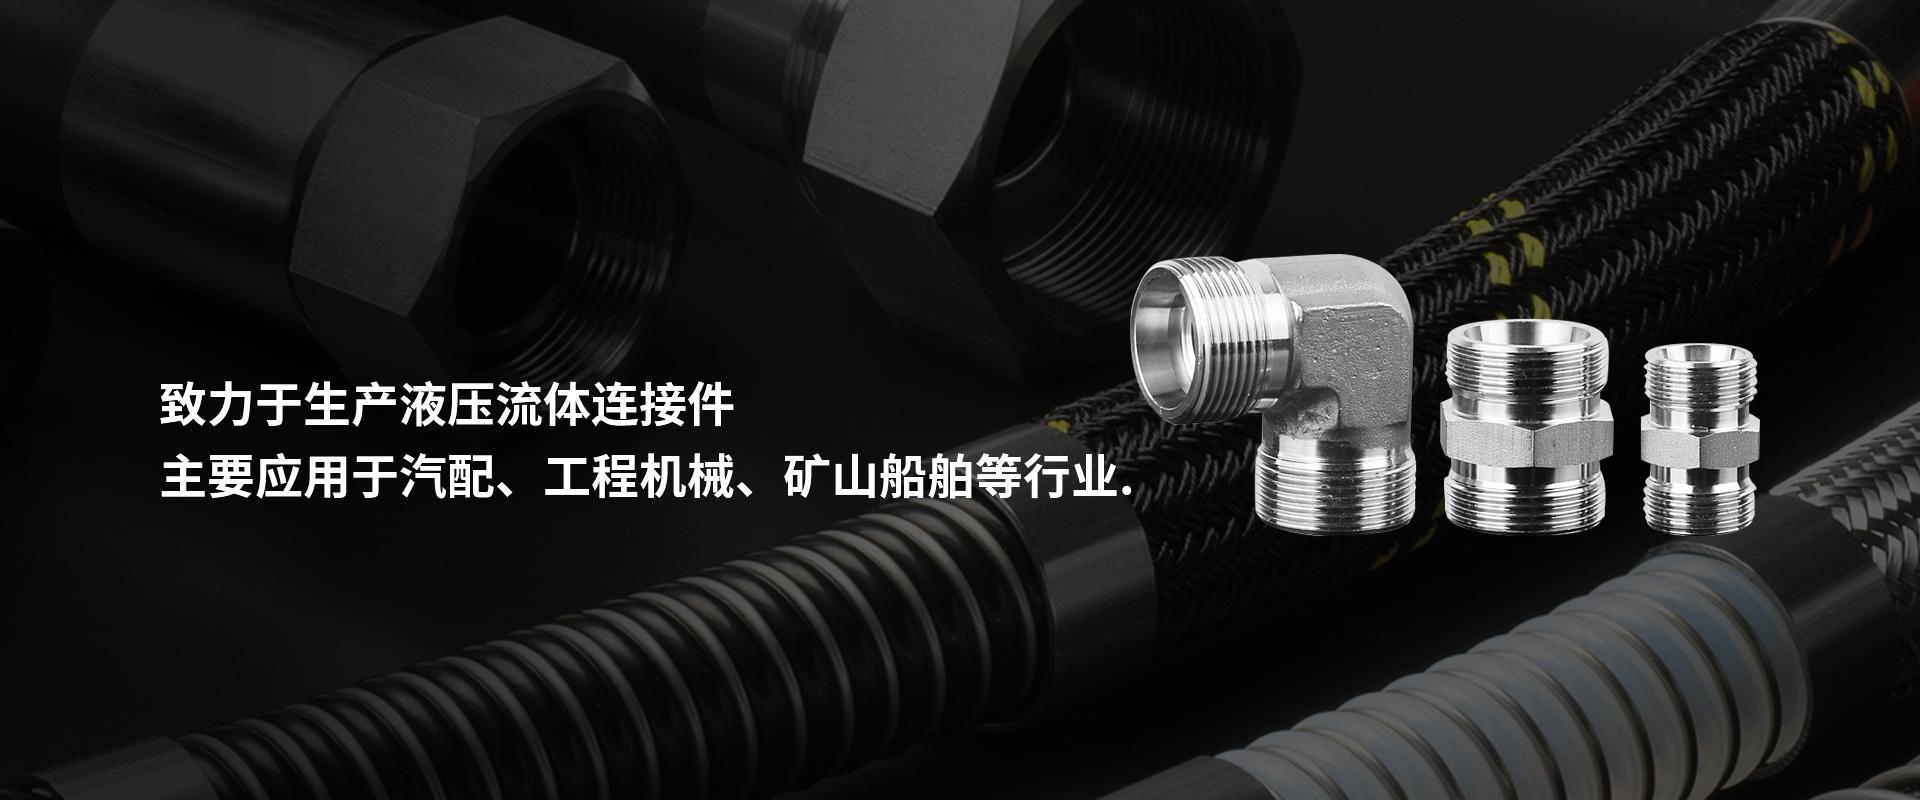 金屬軟管接頭